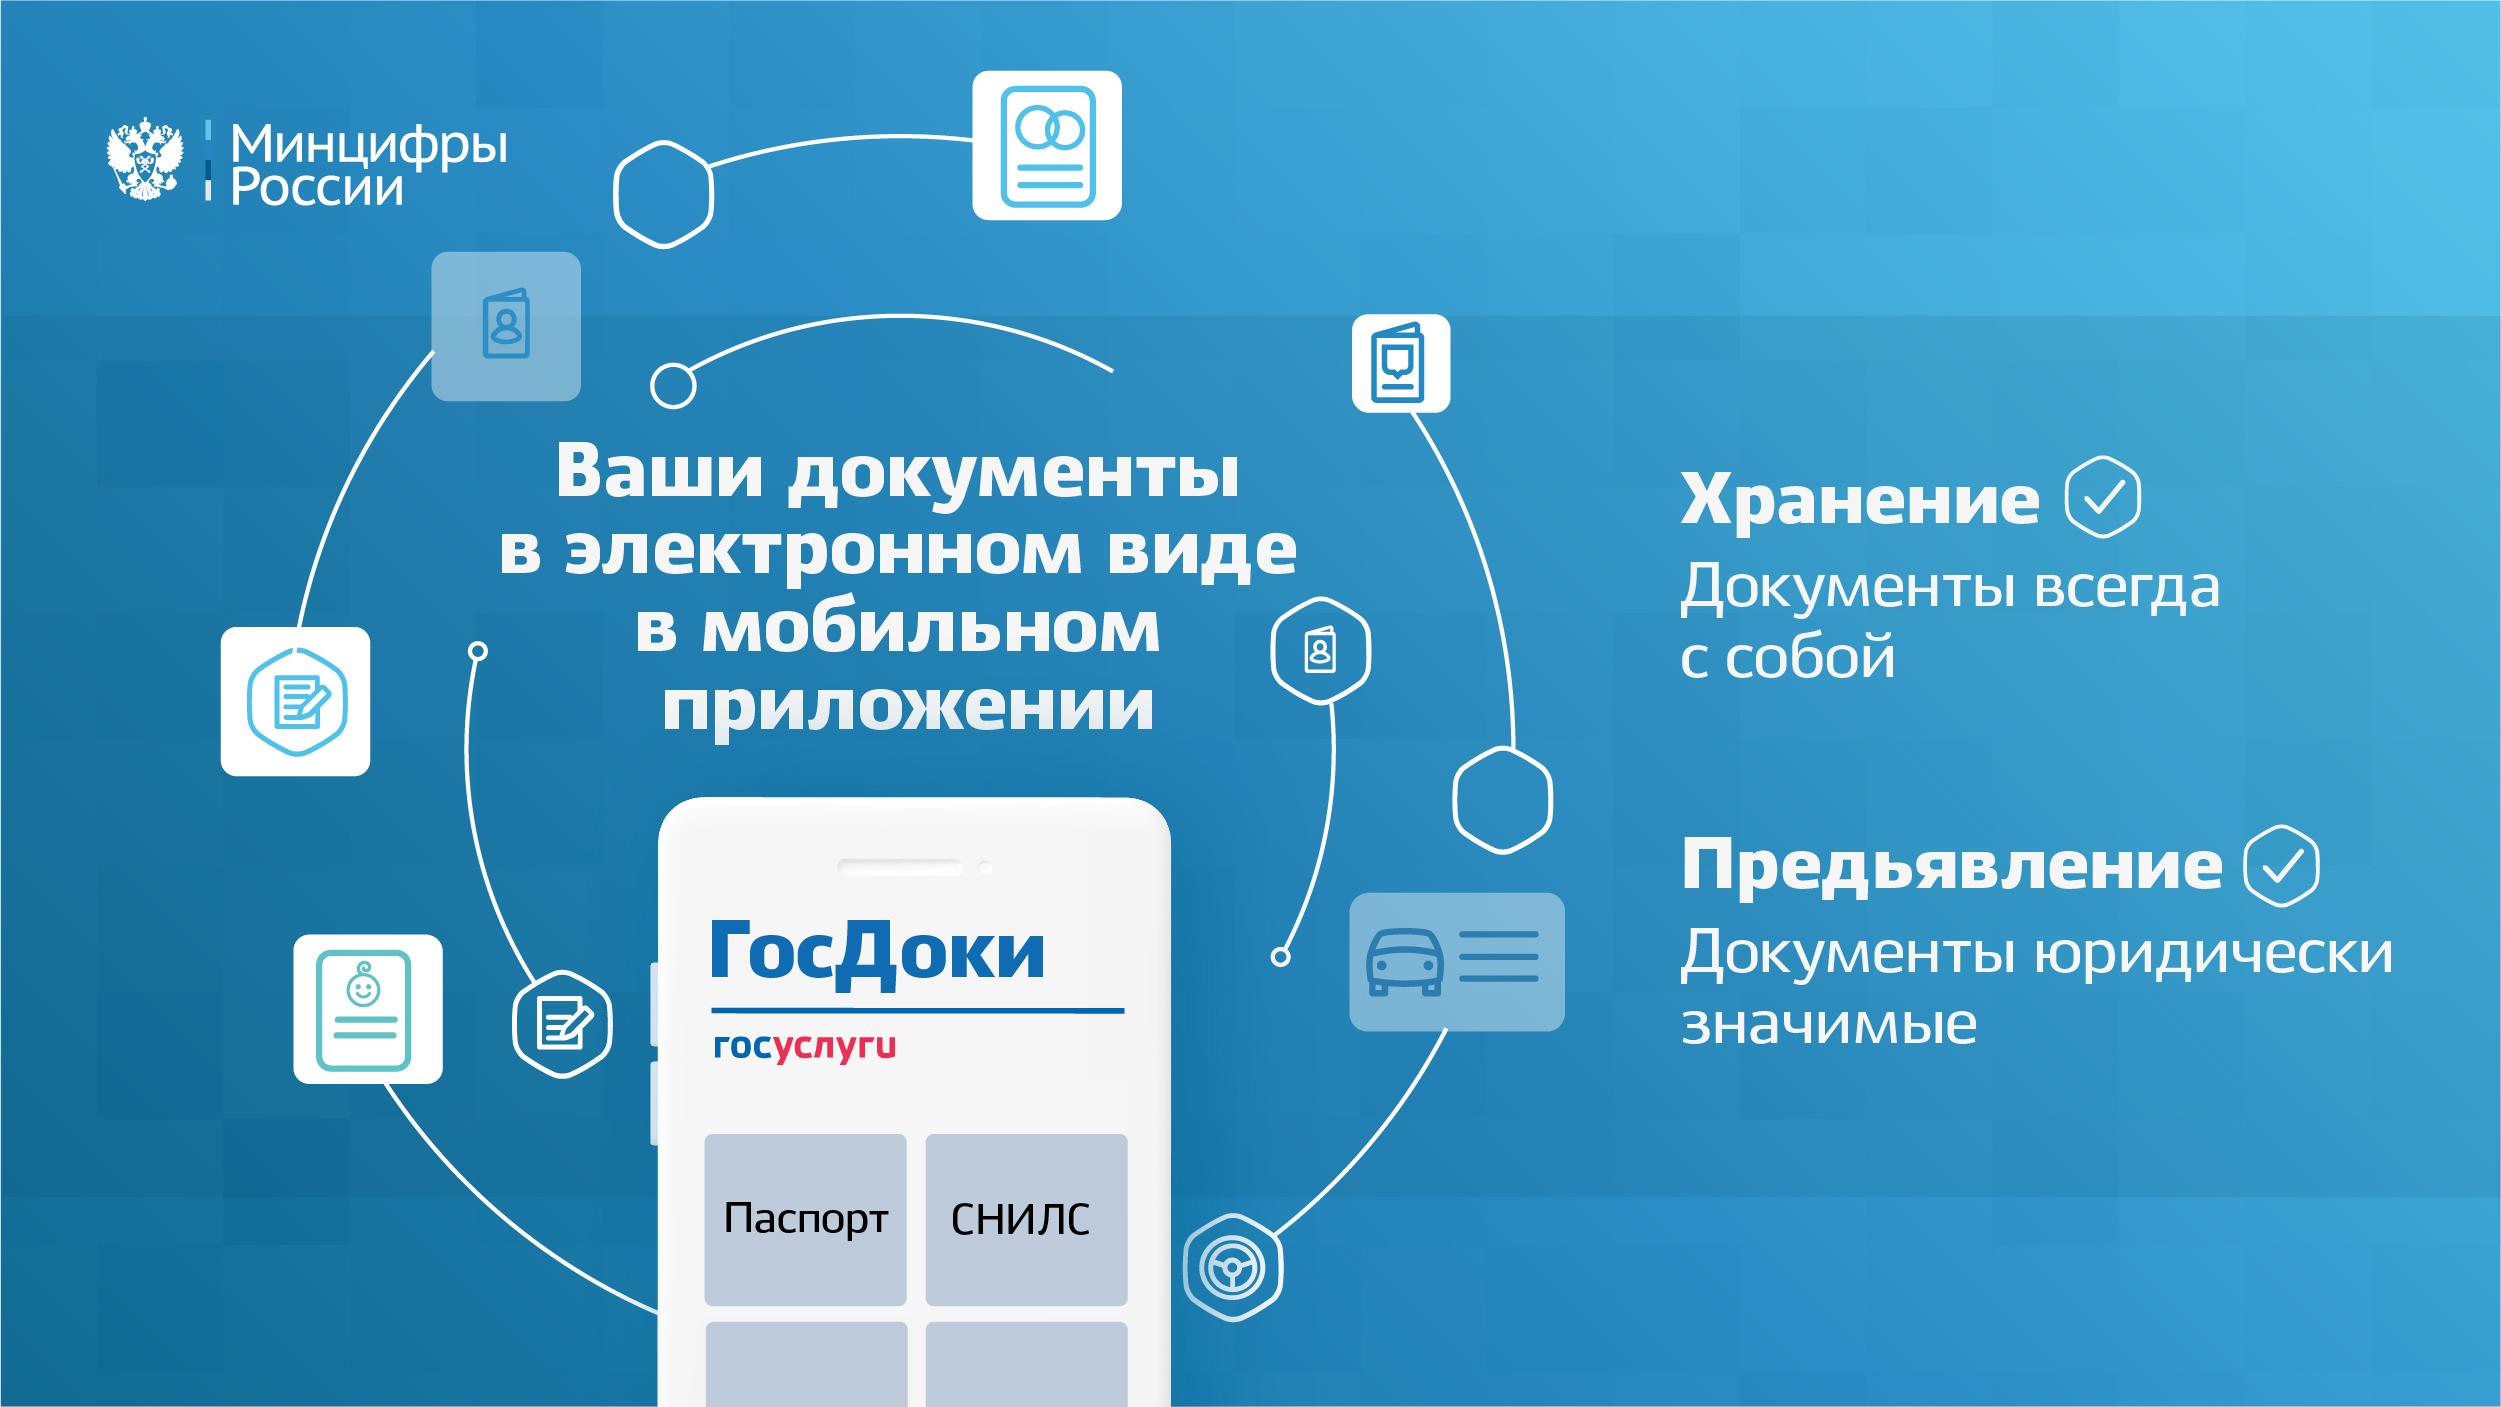 ГосДоки: в России анонсировали приложение для электронных копий документов